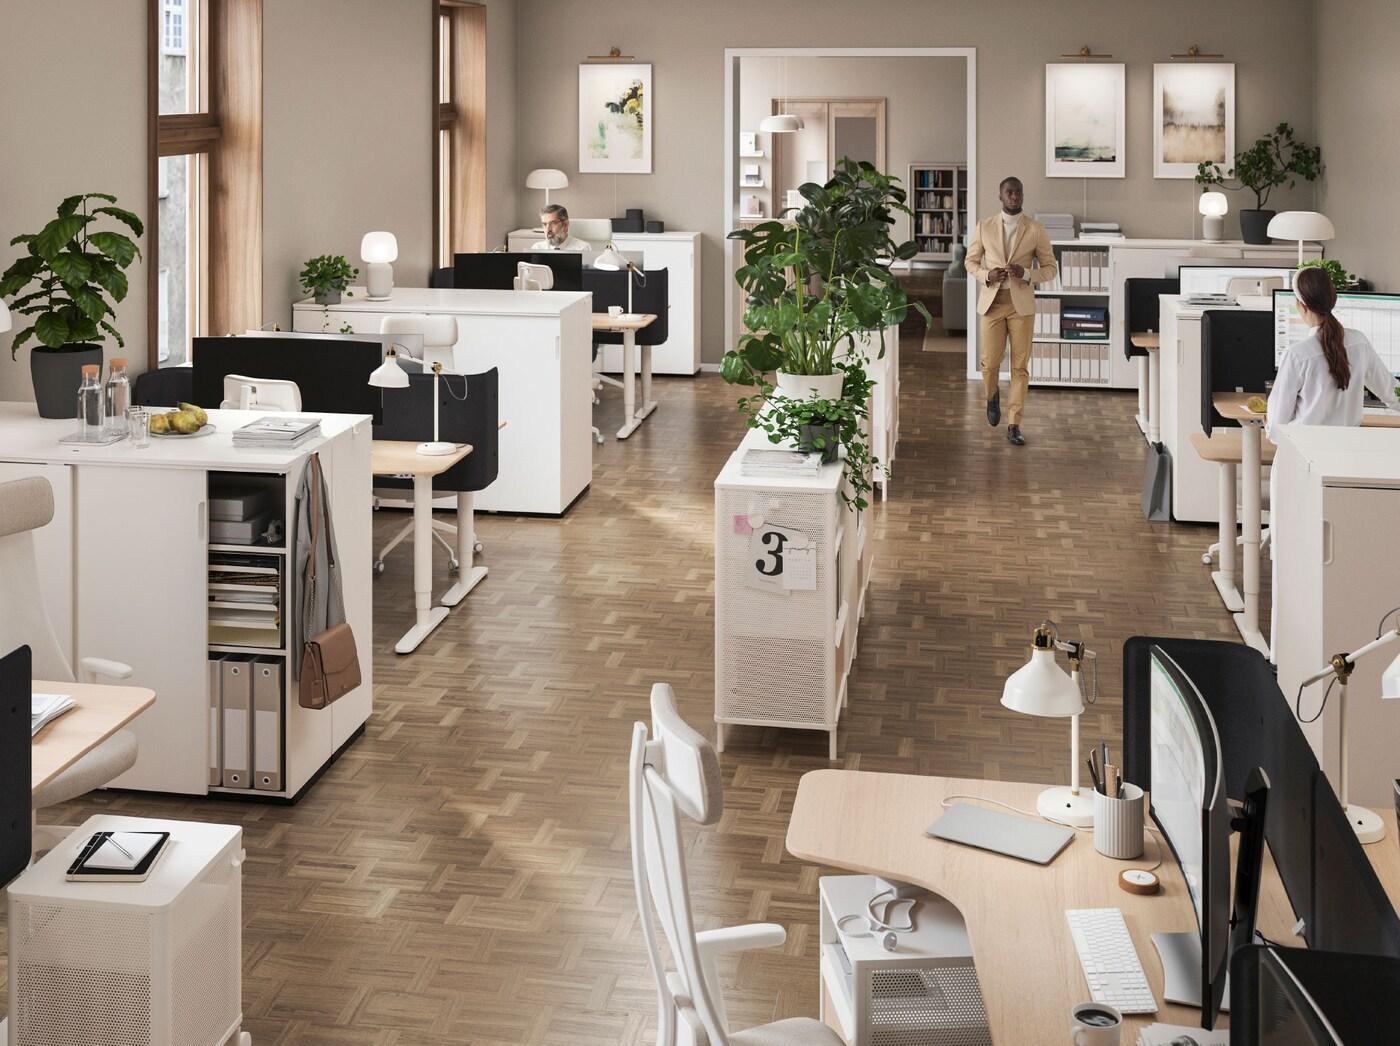 Öppet kontorslandskap med centralt placerade hyllor dekorerade med växter samt arbetsstationer med belysning längs väggarna.